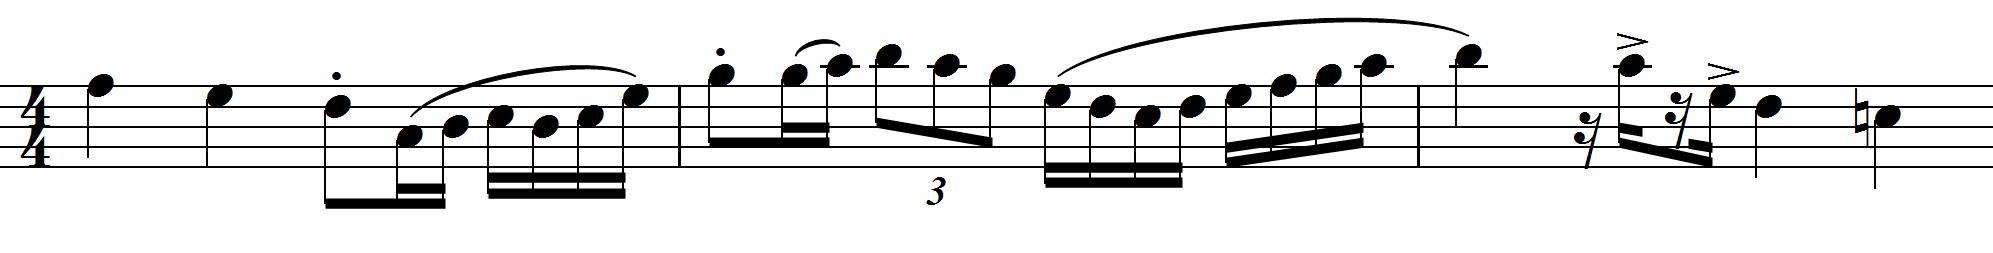 複雑な動きの練習